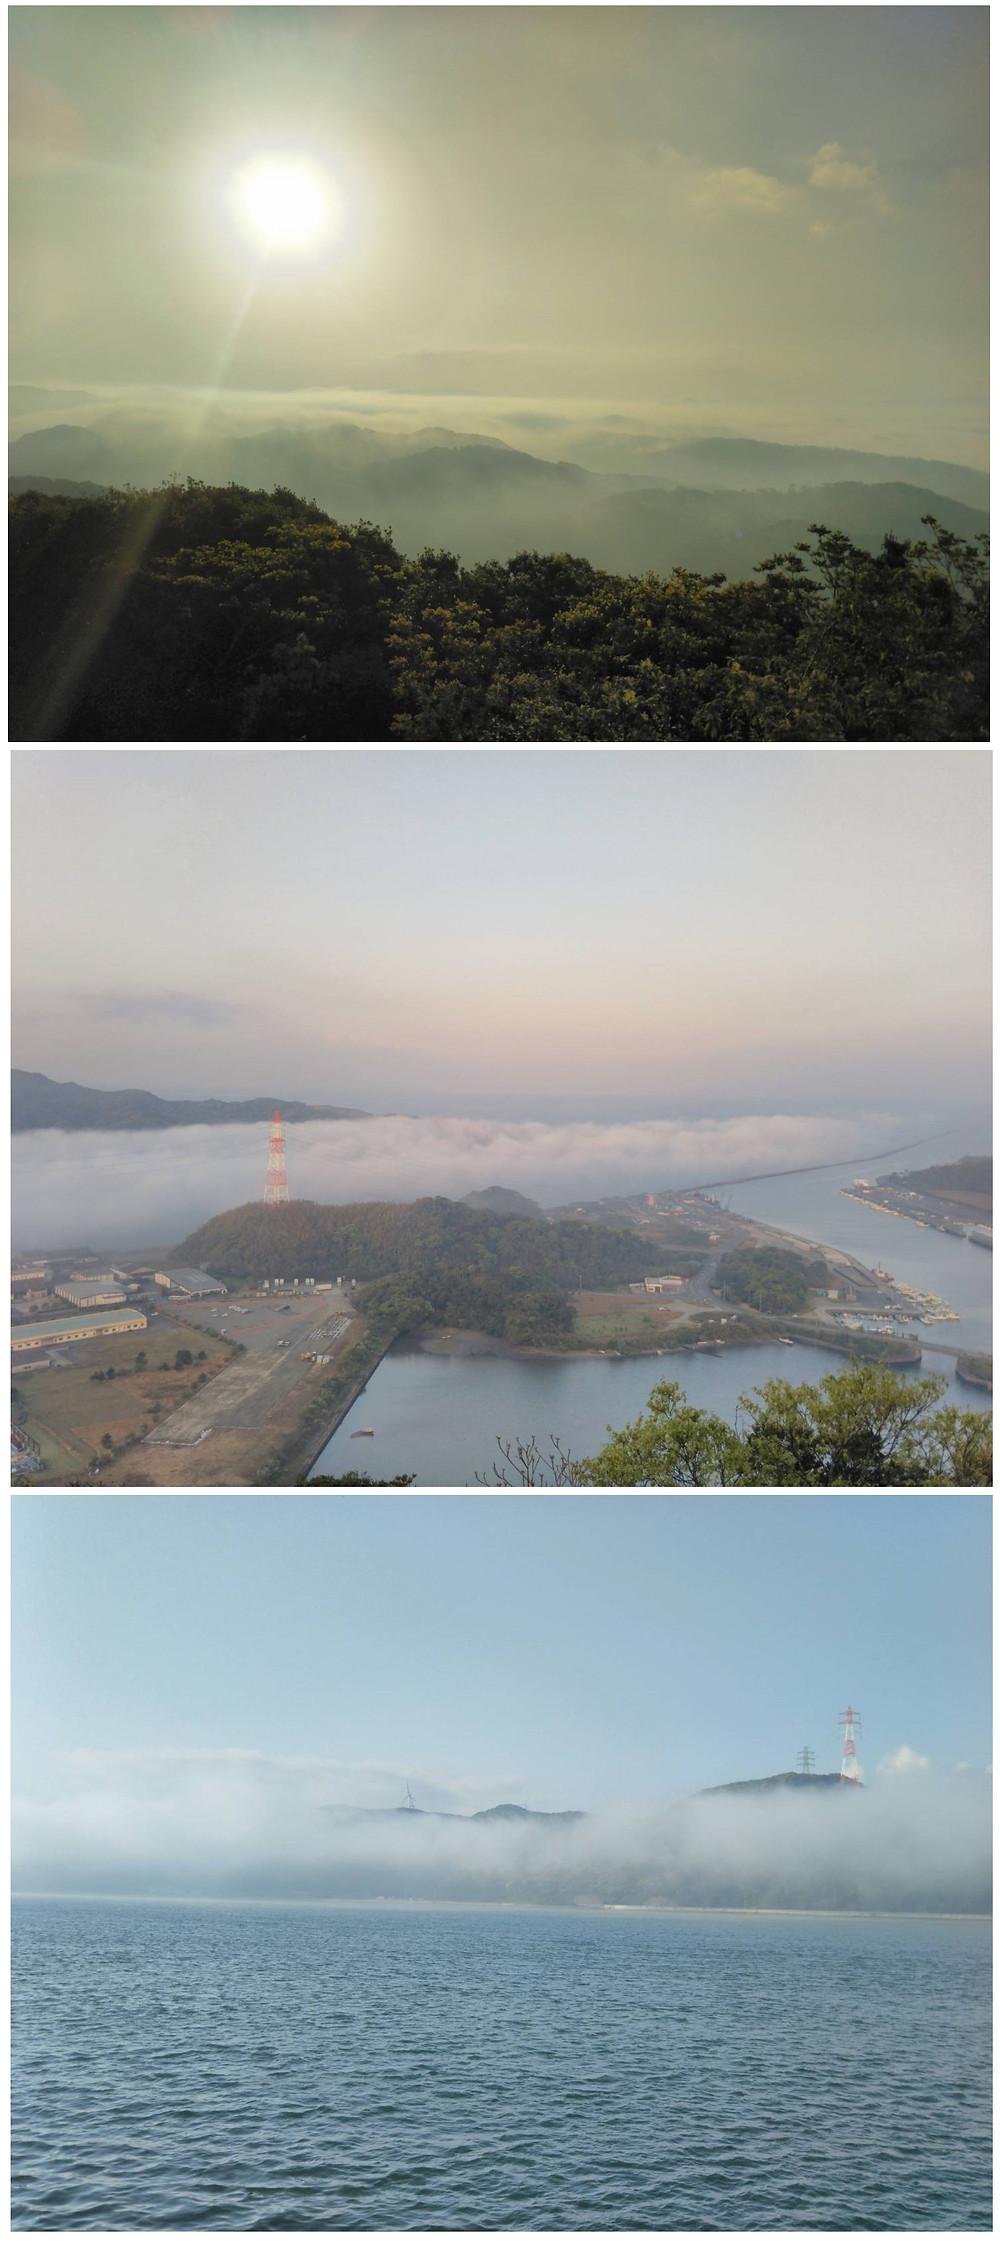 矢島さんが撮影した月屋山からの様子